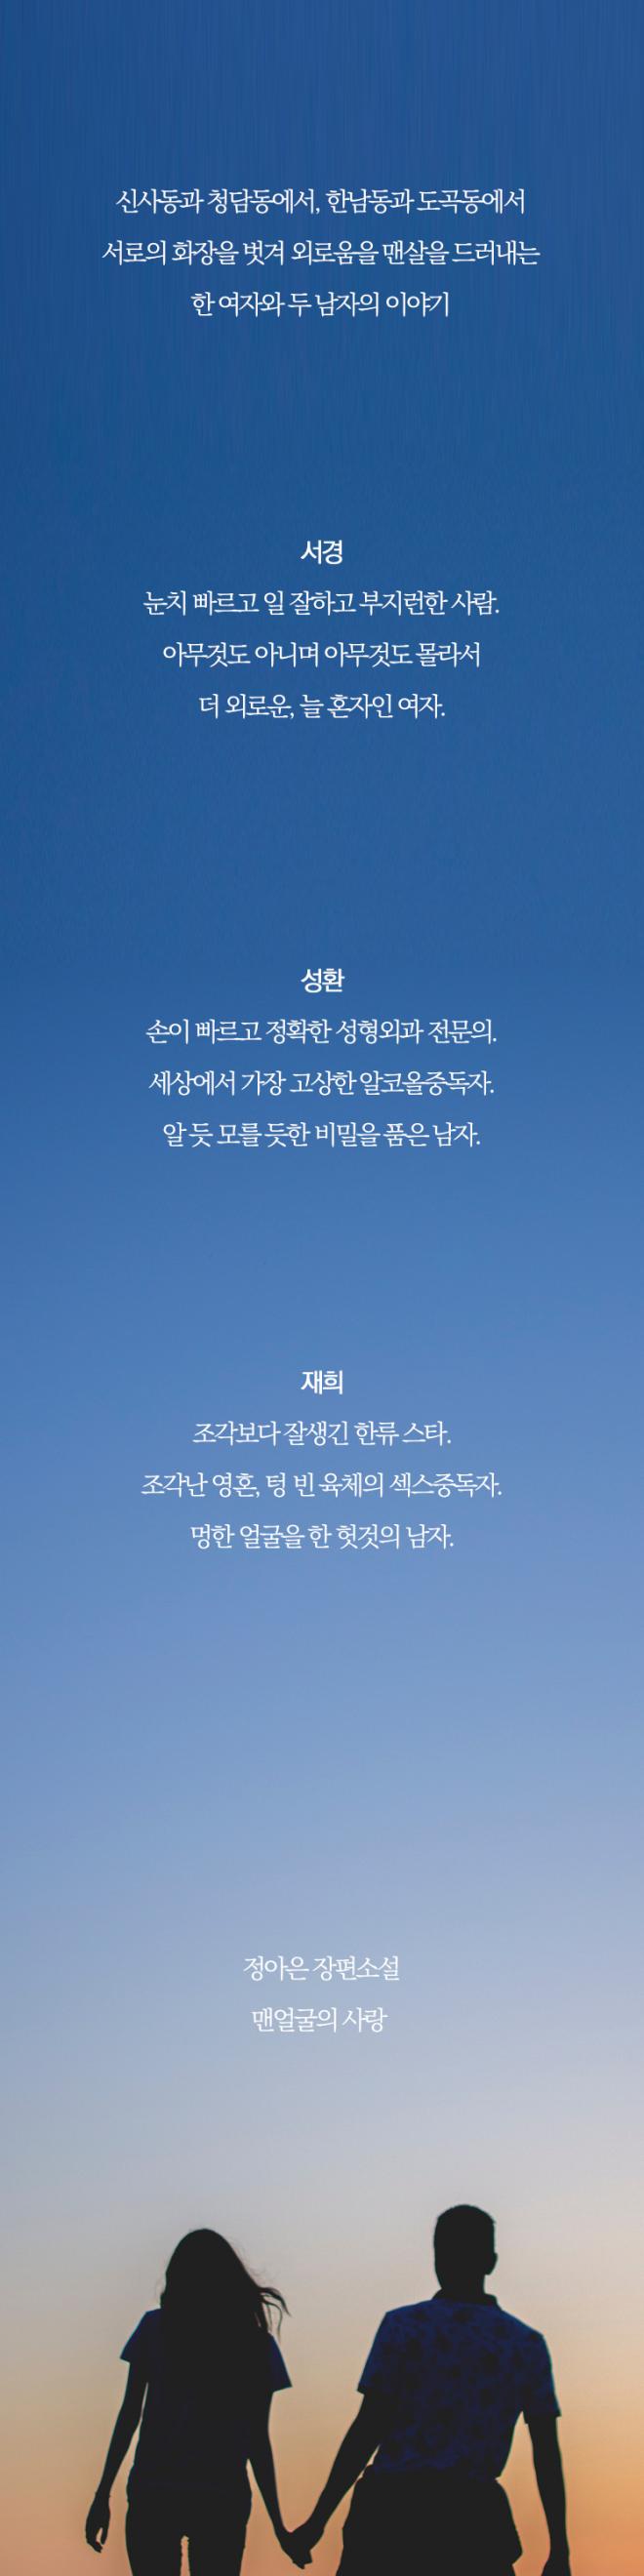 맨얼굴의 사랑_상세페이지